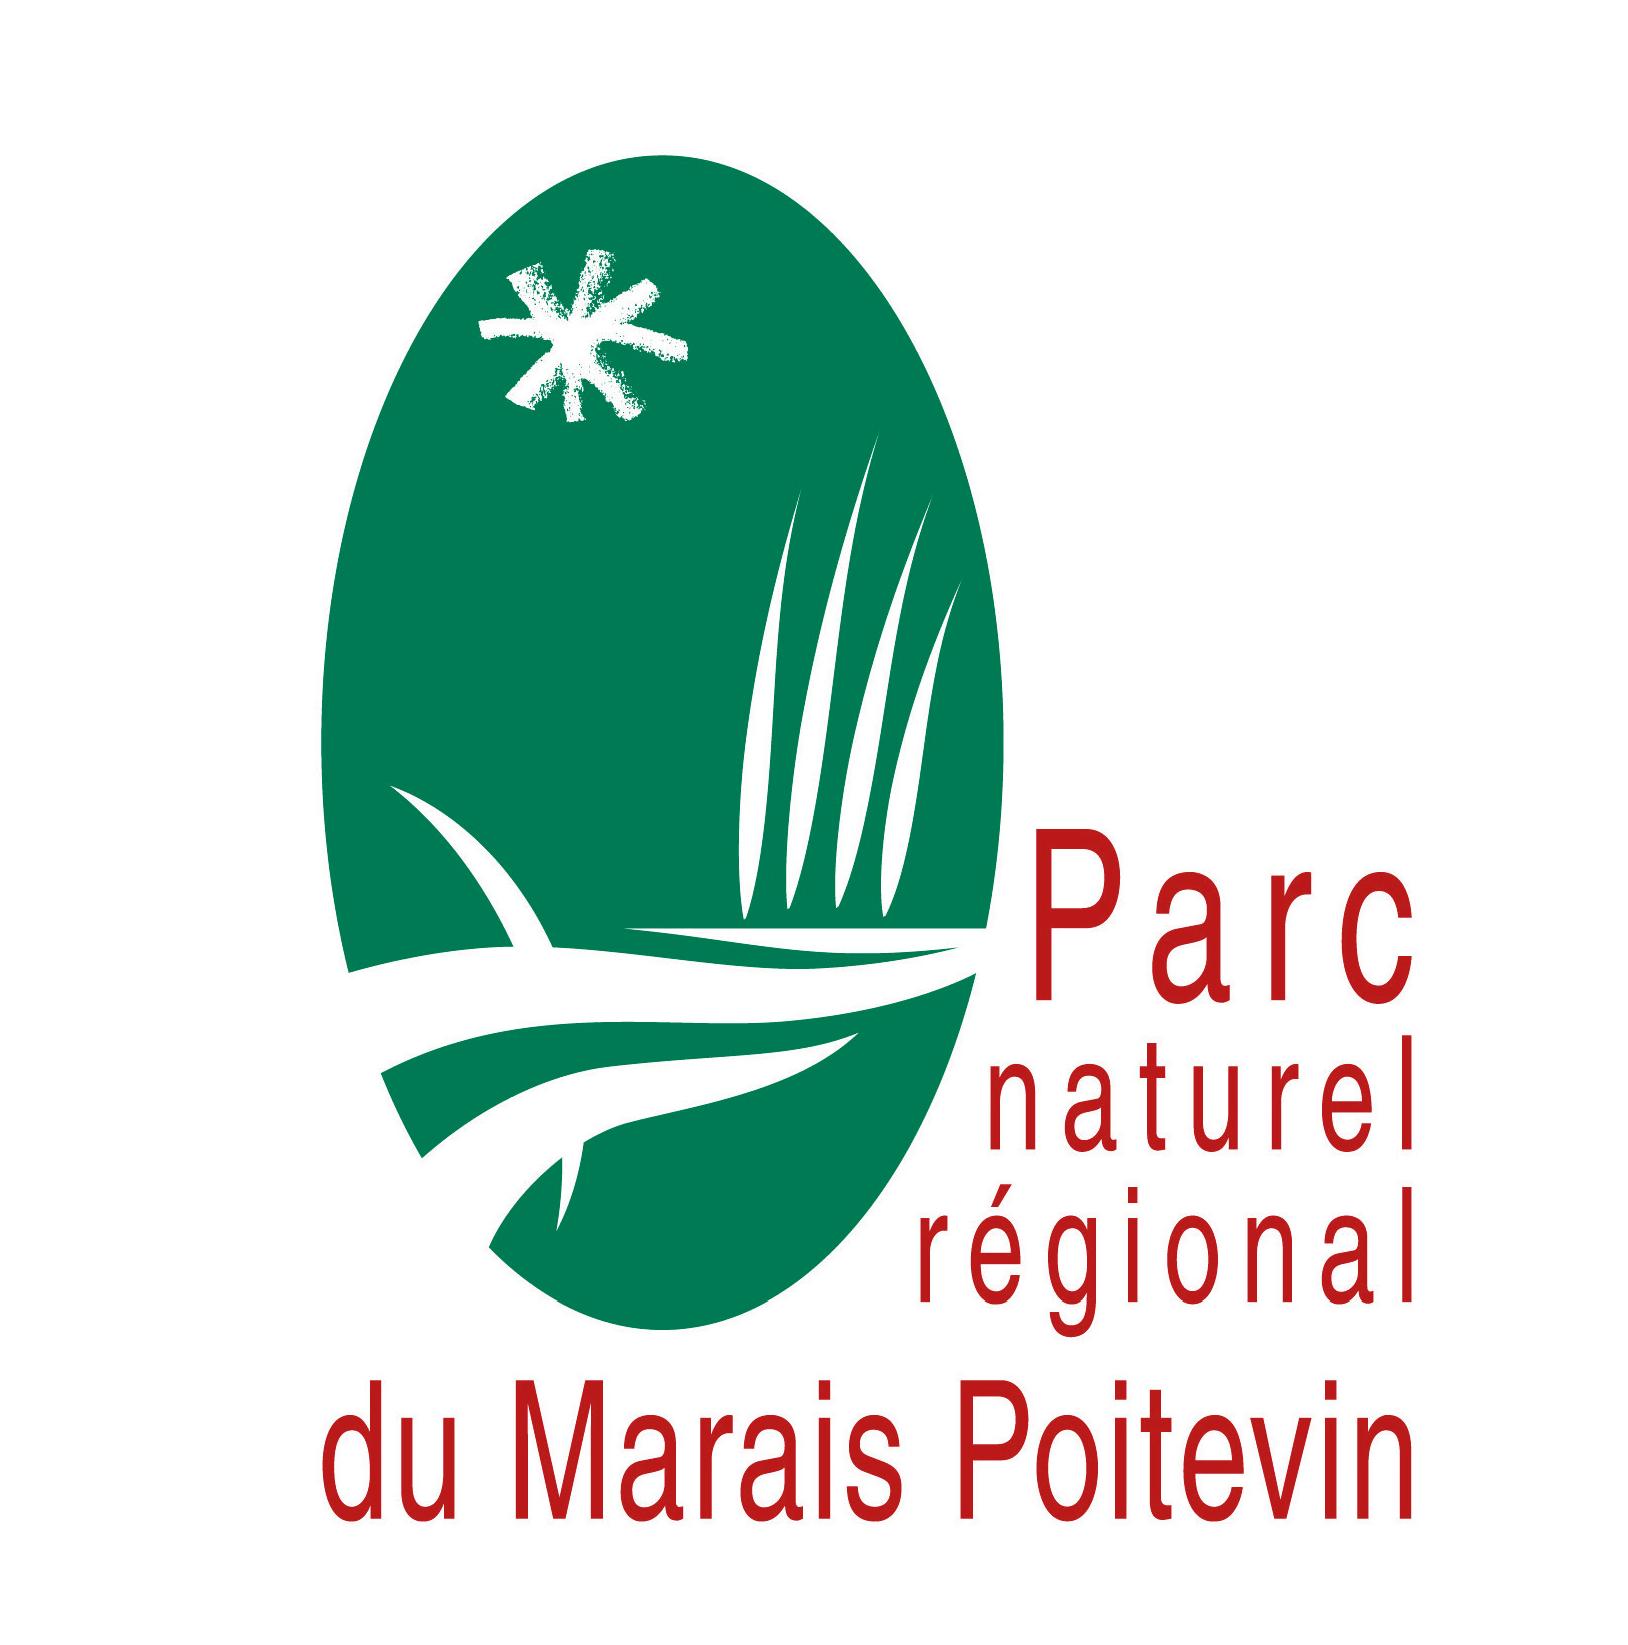 https://cdnfiles1.biolovision.net/www.nature79.org/userfiles/DOCPOURLESNEWS/PNRmaraispoitevin.jpg